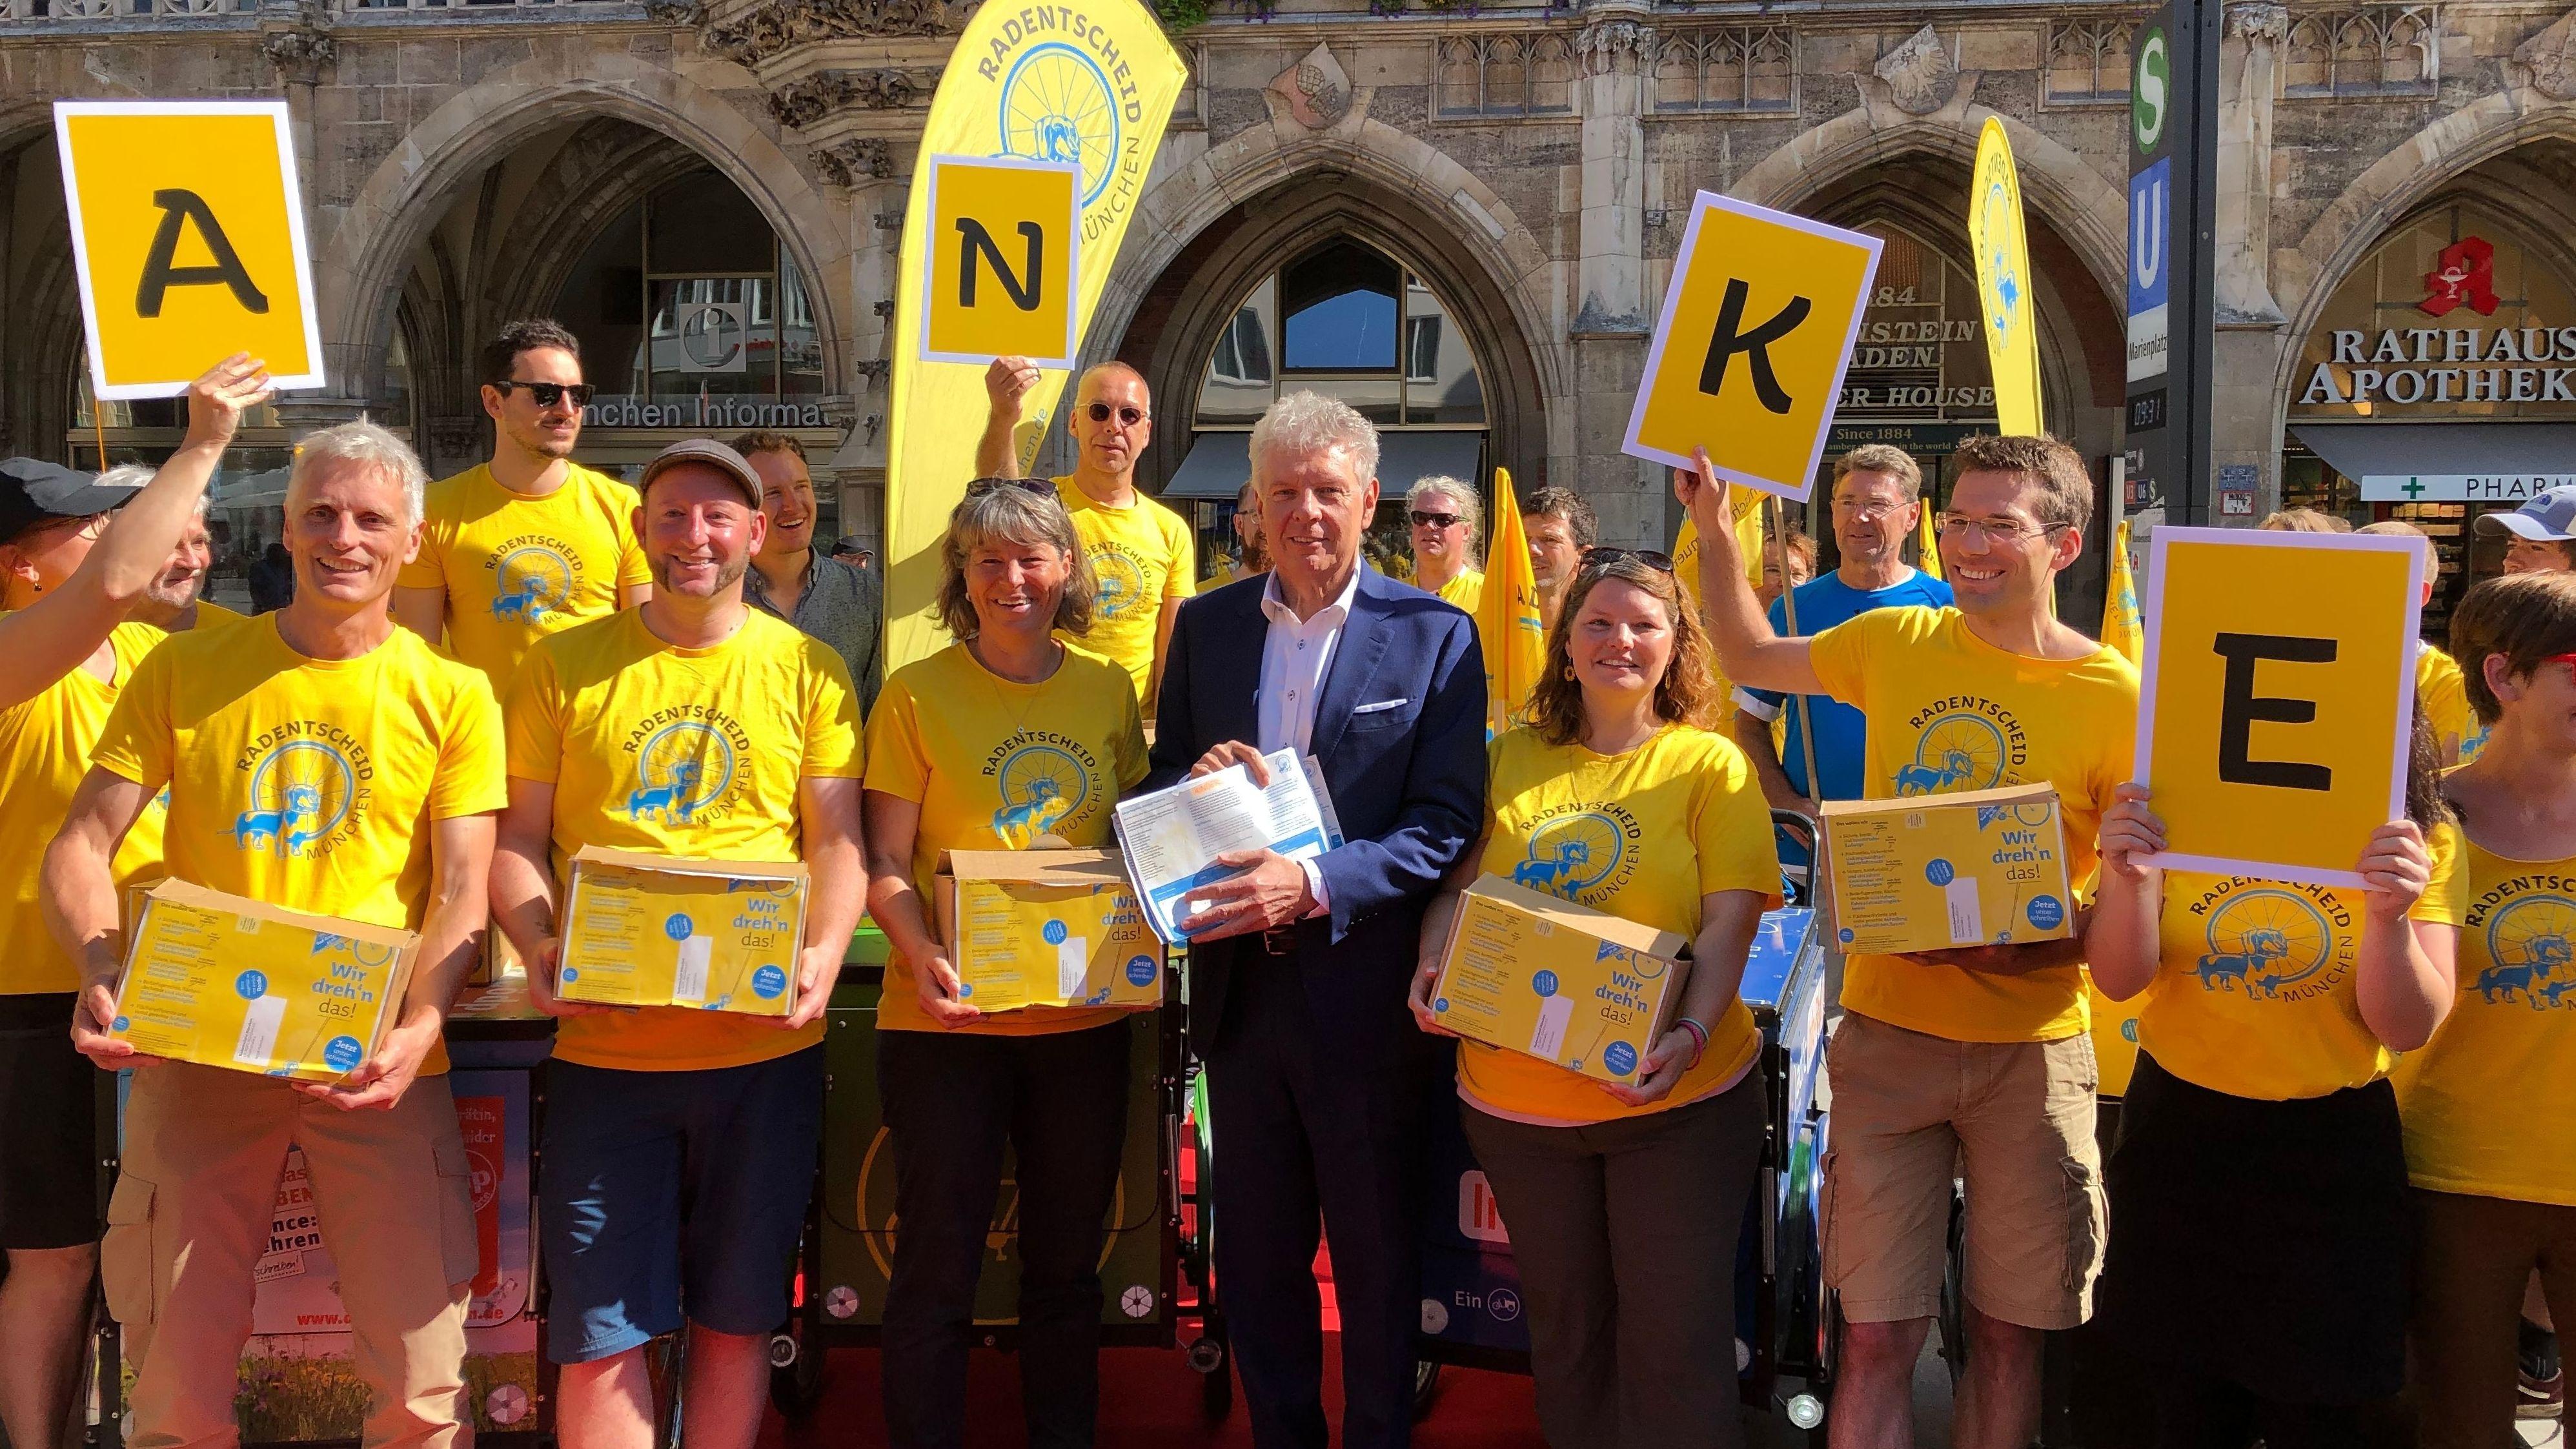 Münchens Oberbürgermeister Dieter Reiter (SPD) und Initiatoren des Radentscheids bei der Übergabe von 160.000 Unterschriften.